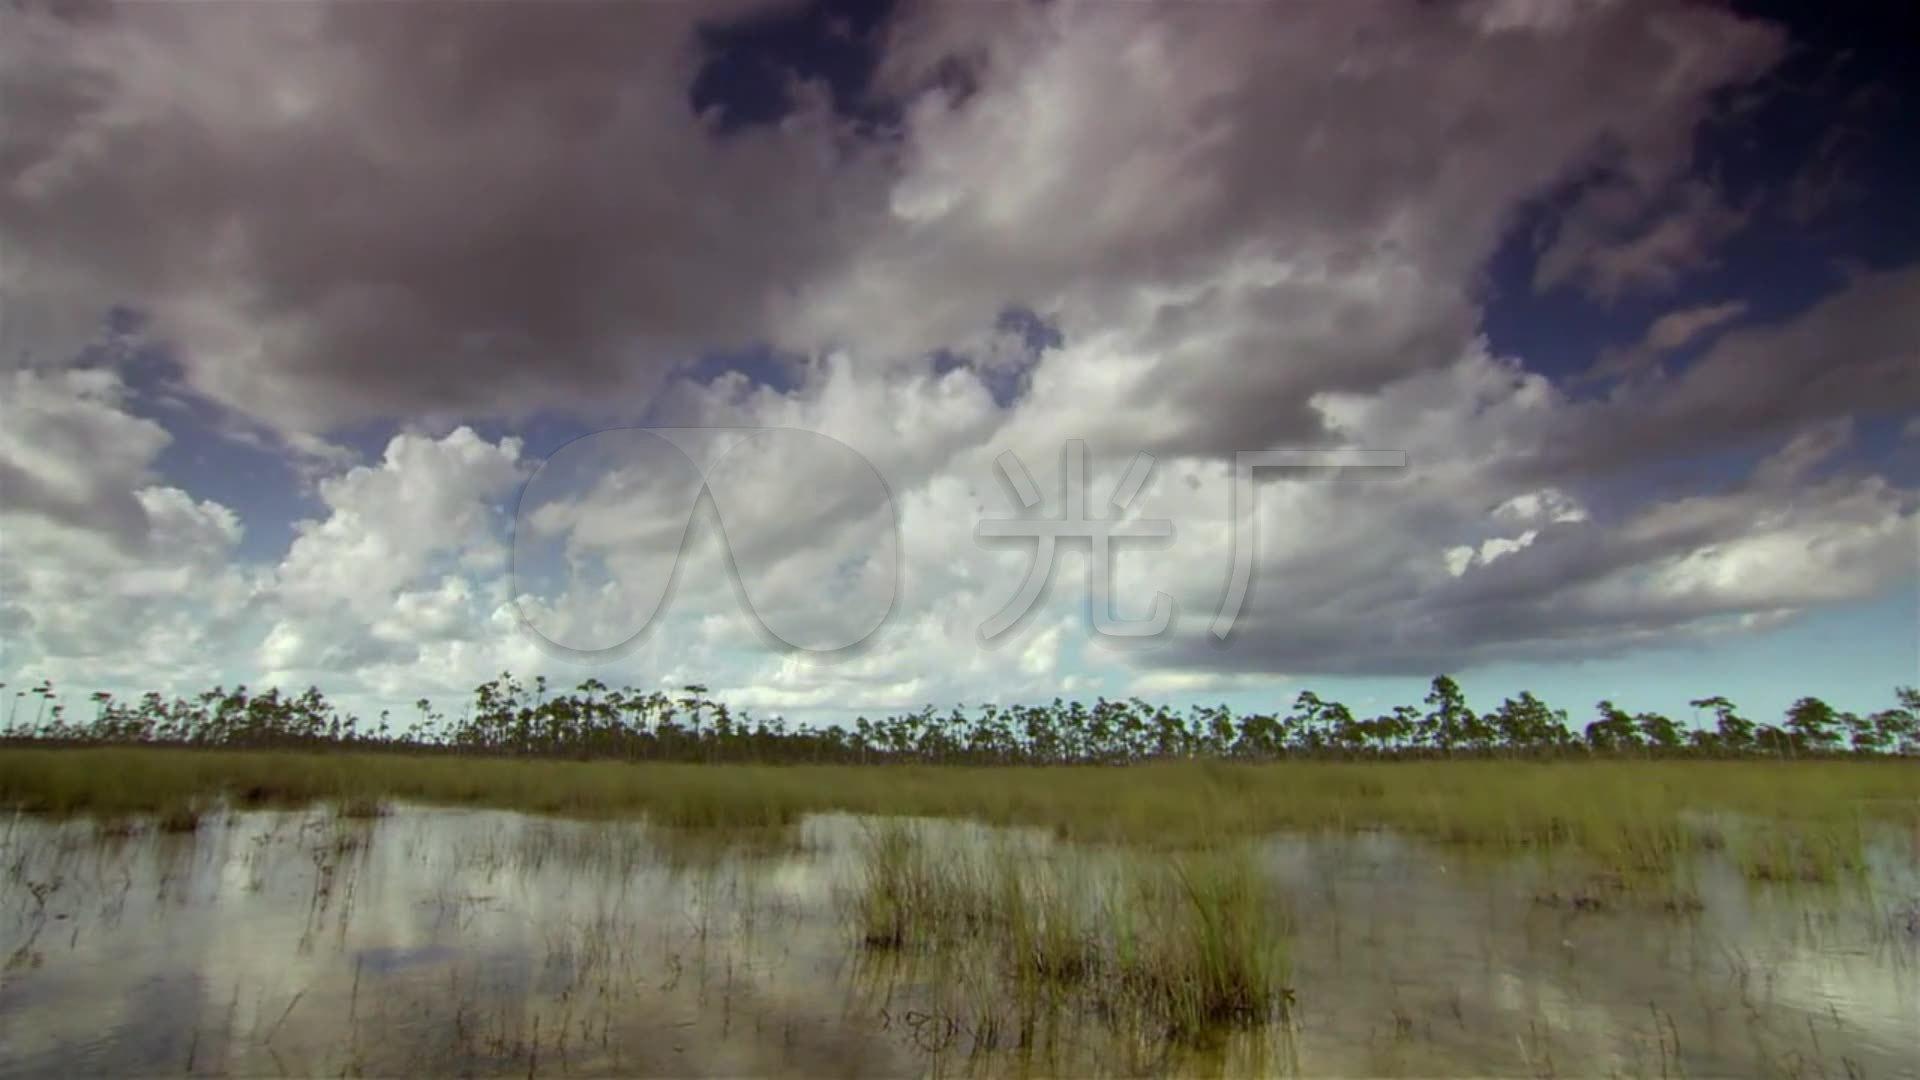 延时打雷下雨风景_1920x1080_高清视频素材下载(编号